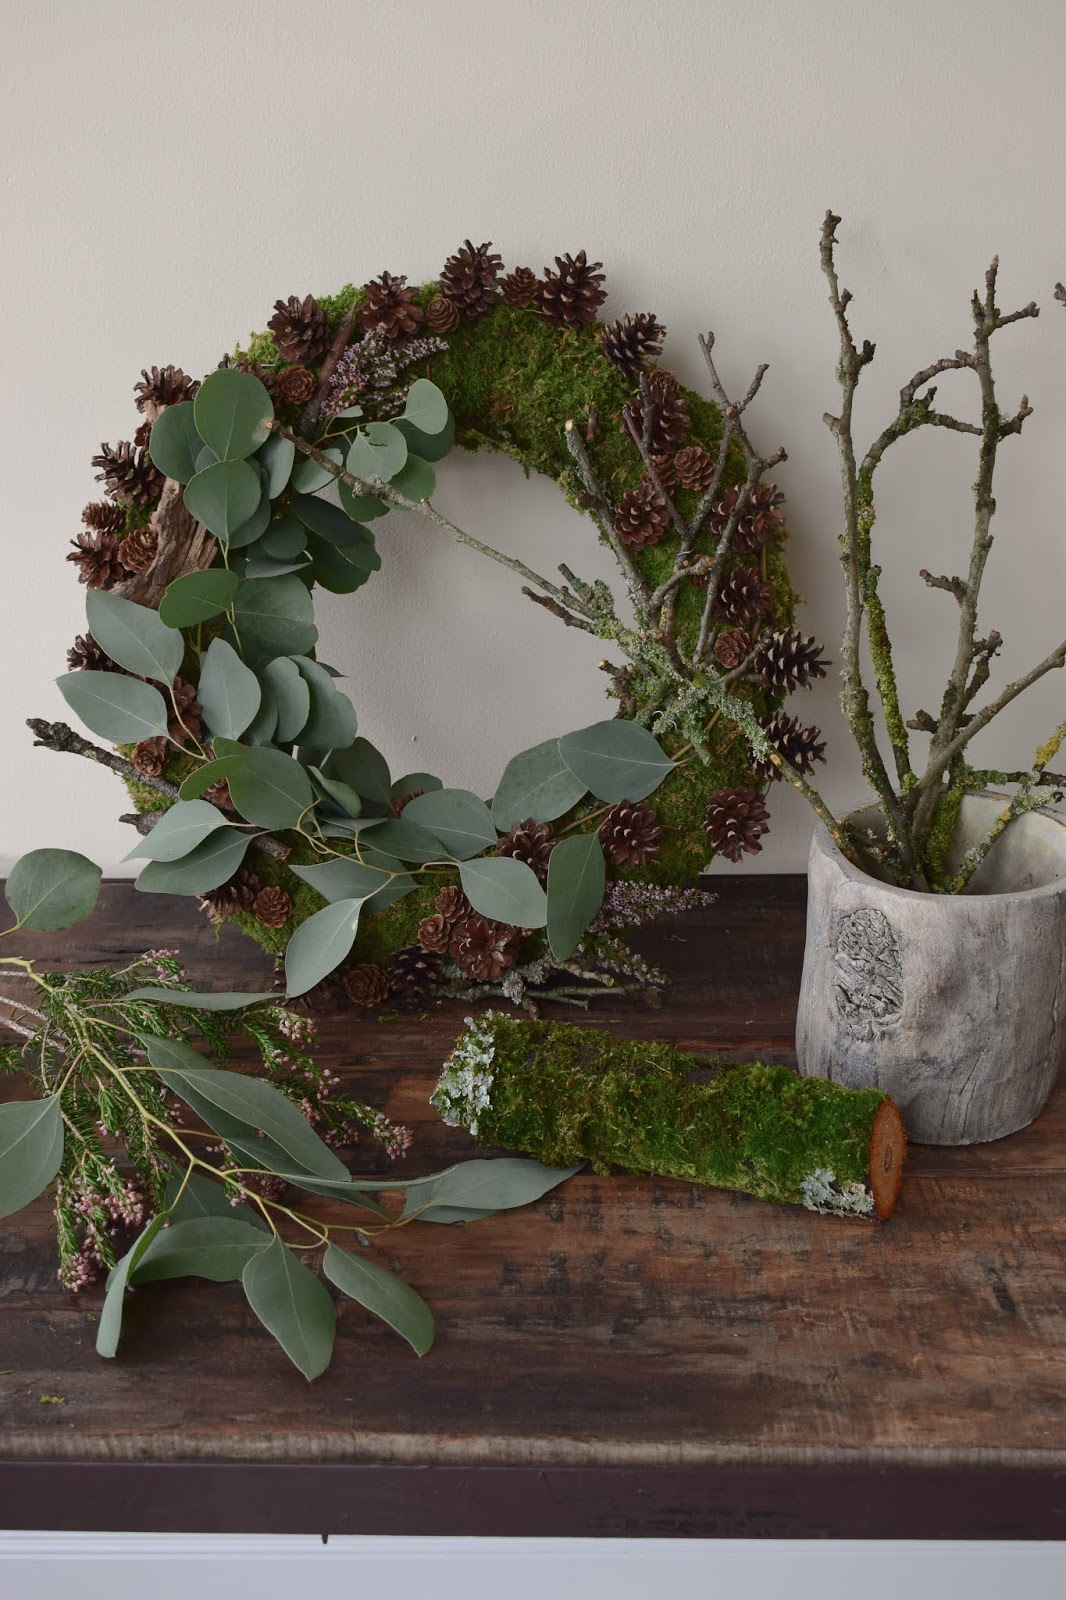 Kranz binden aus Moos, Ästen, Eukalyptus, Zapfen, Heidekraut. DIY Winterkranz selbermachen natürlich dekorieren